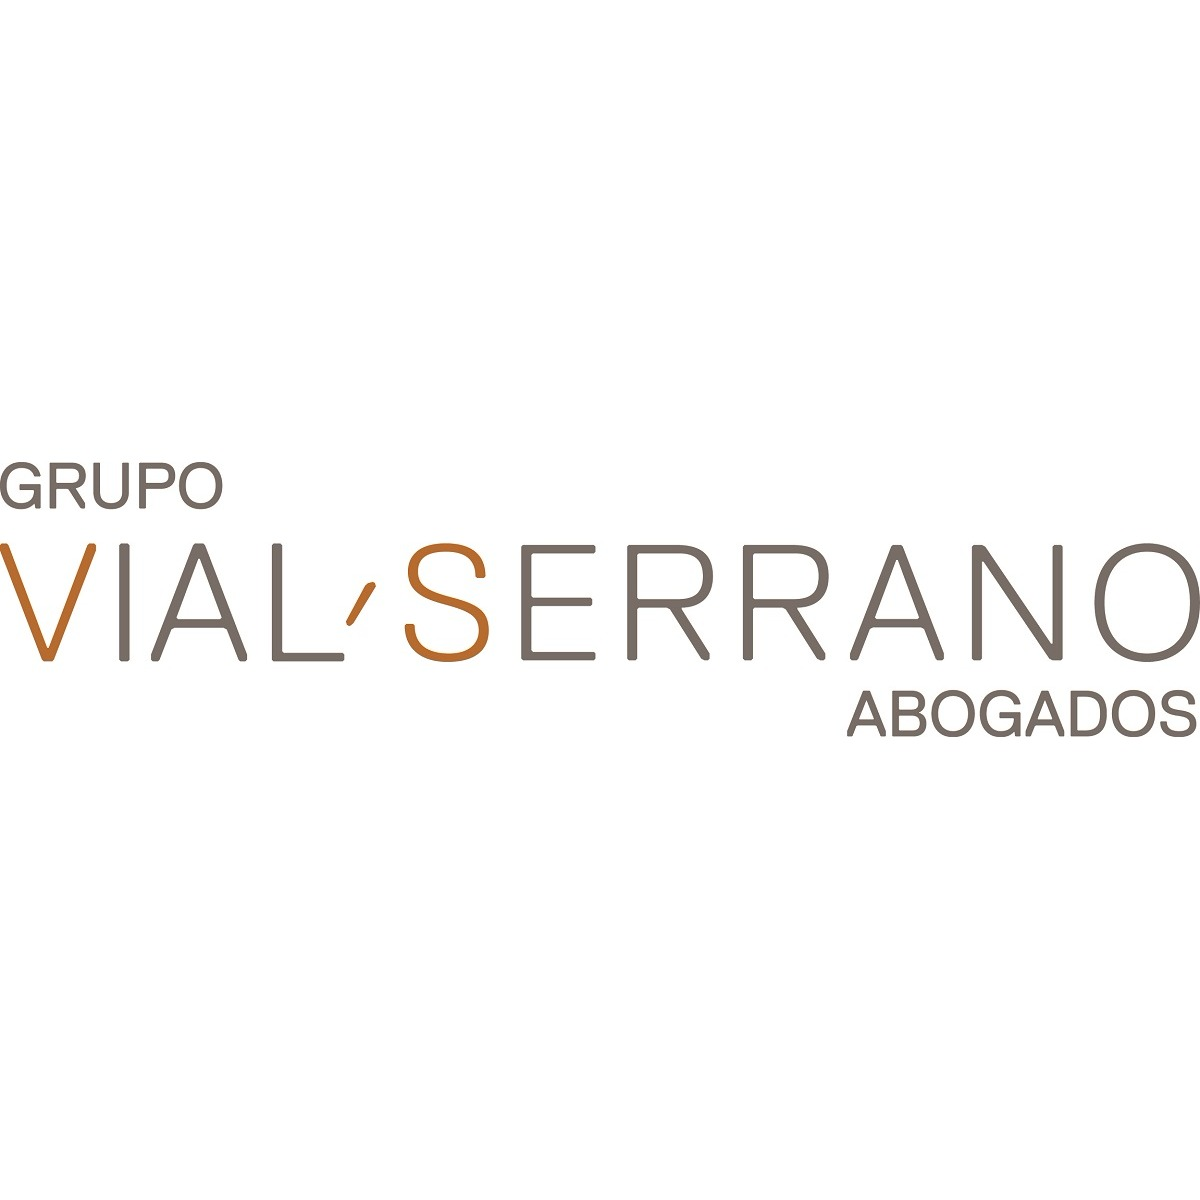 the Grupo Vial Serrano Abogados logo.